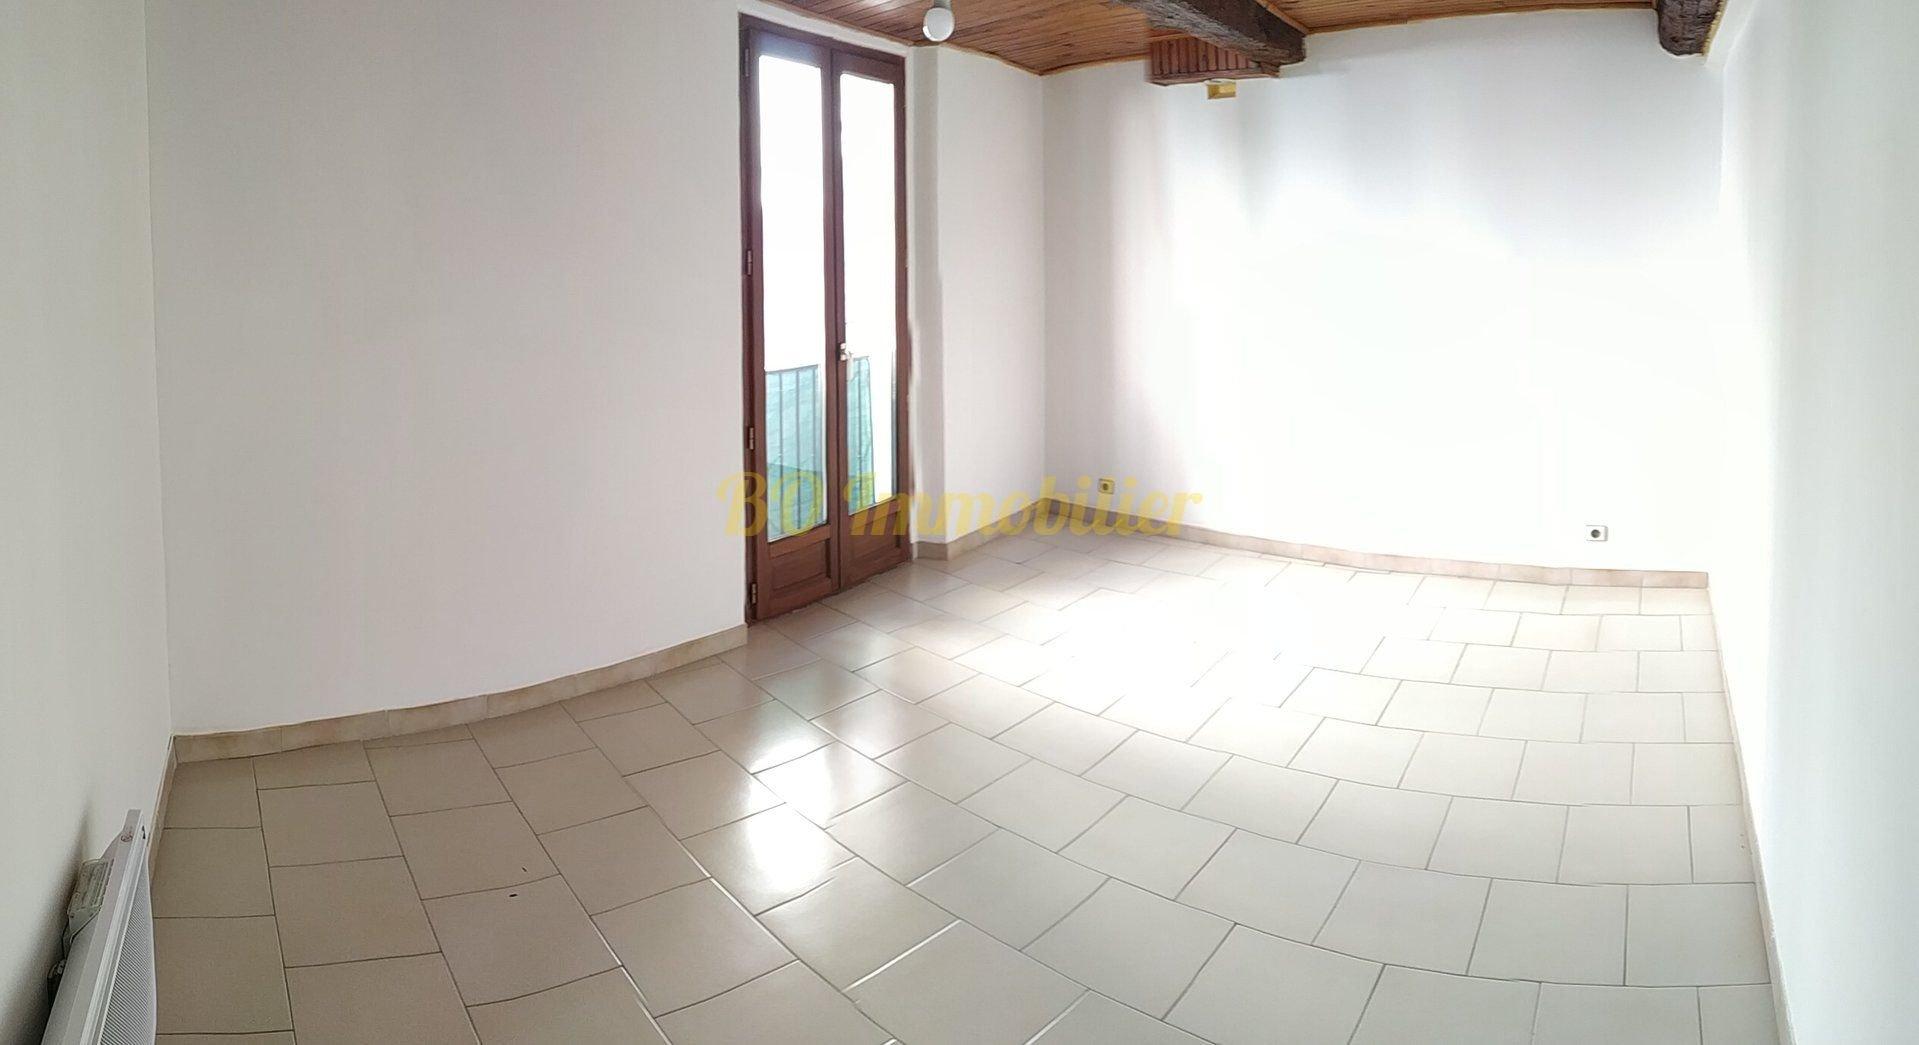 Magnifique 3p de 60m² en excellent état + 3 balcons + un grenier